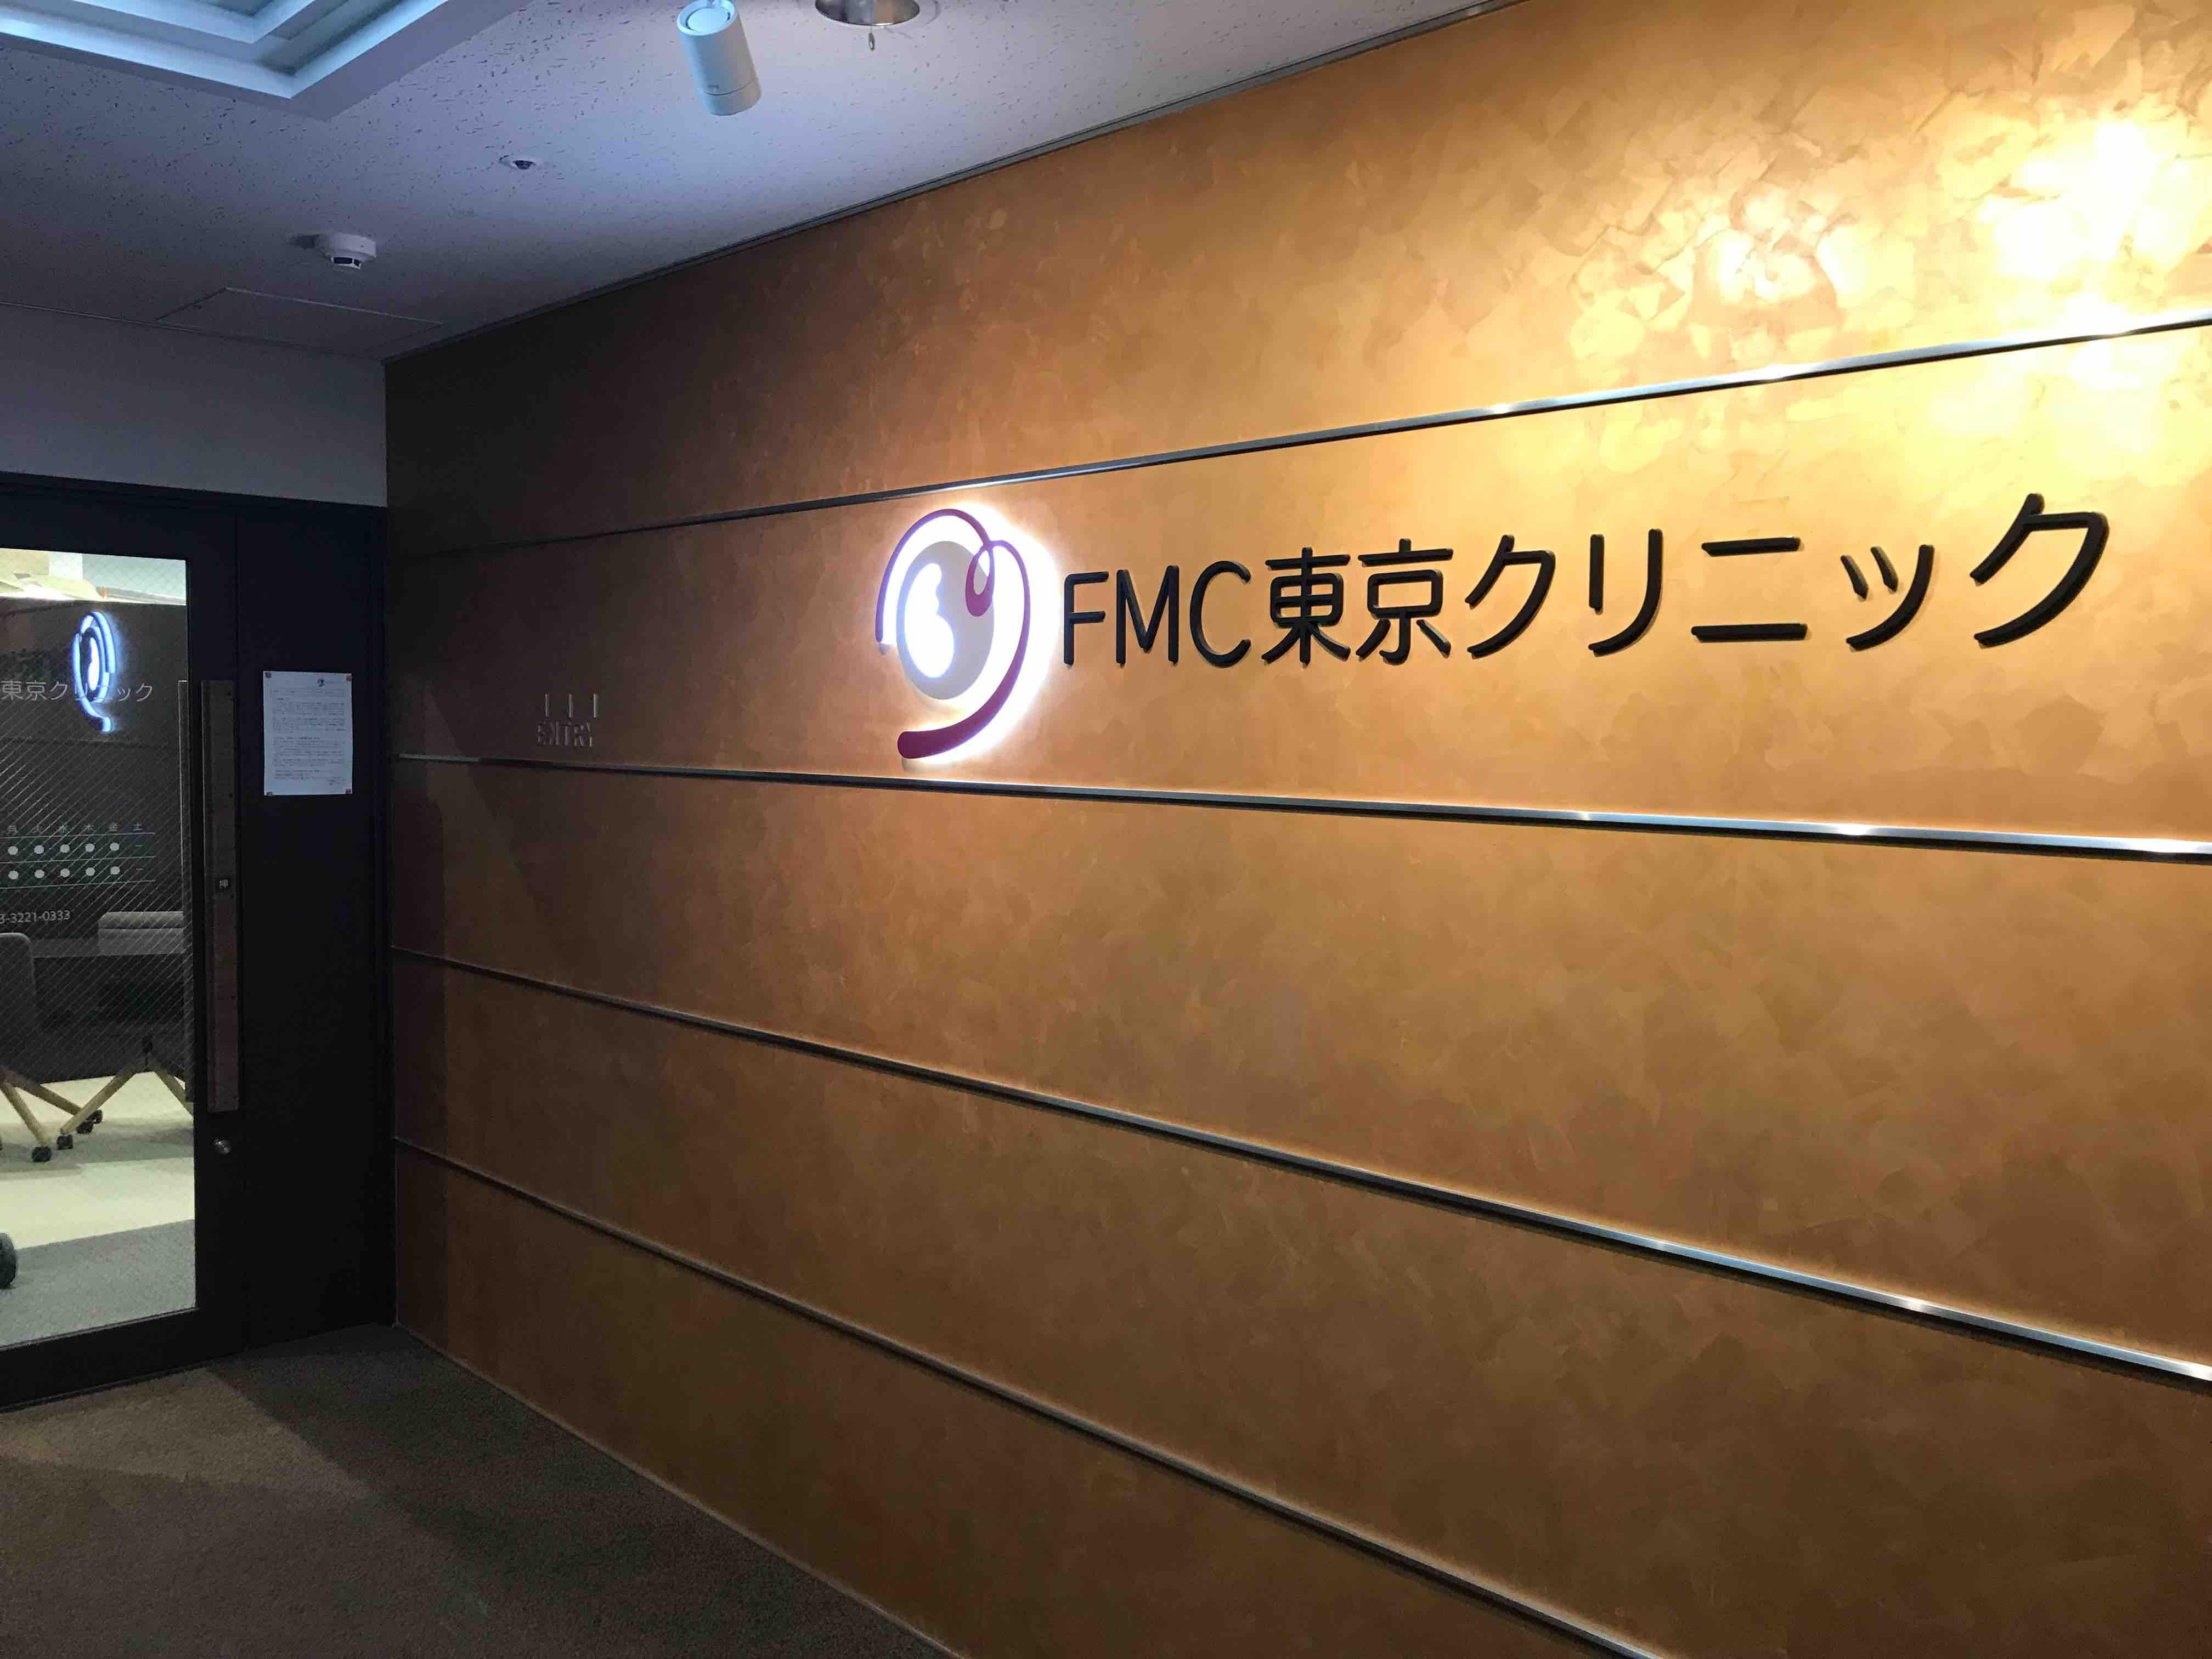 FMC東京クリニック、FMFコンバインド・プラス検査、胎児ドック